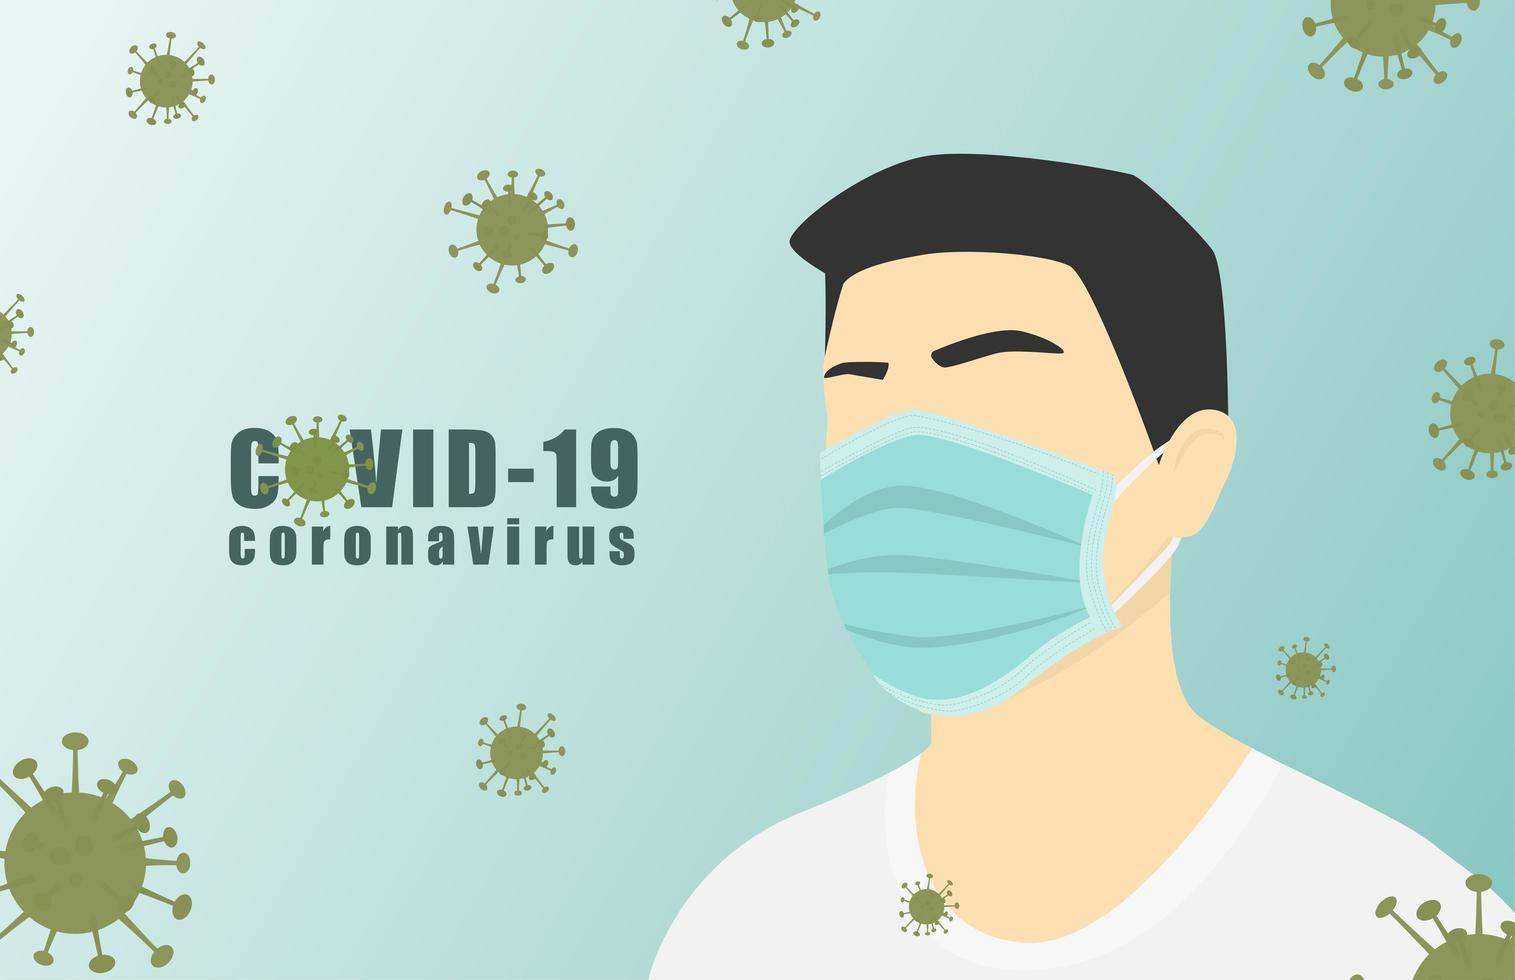 poster con cellule di coronavirus e uomo che indossa una maschera vettore